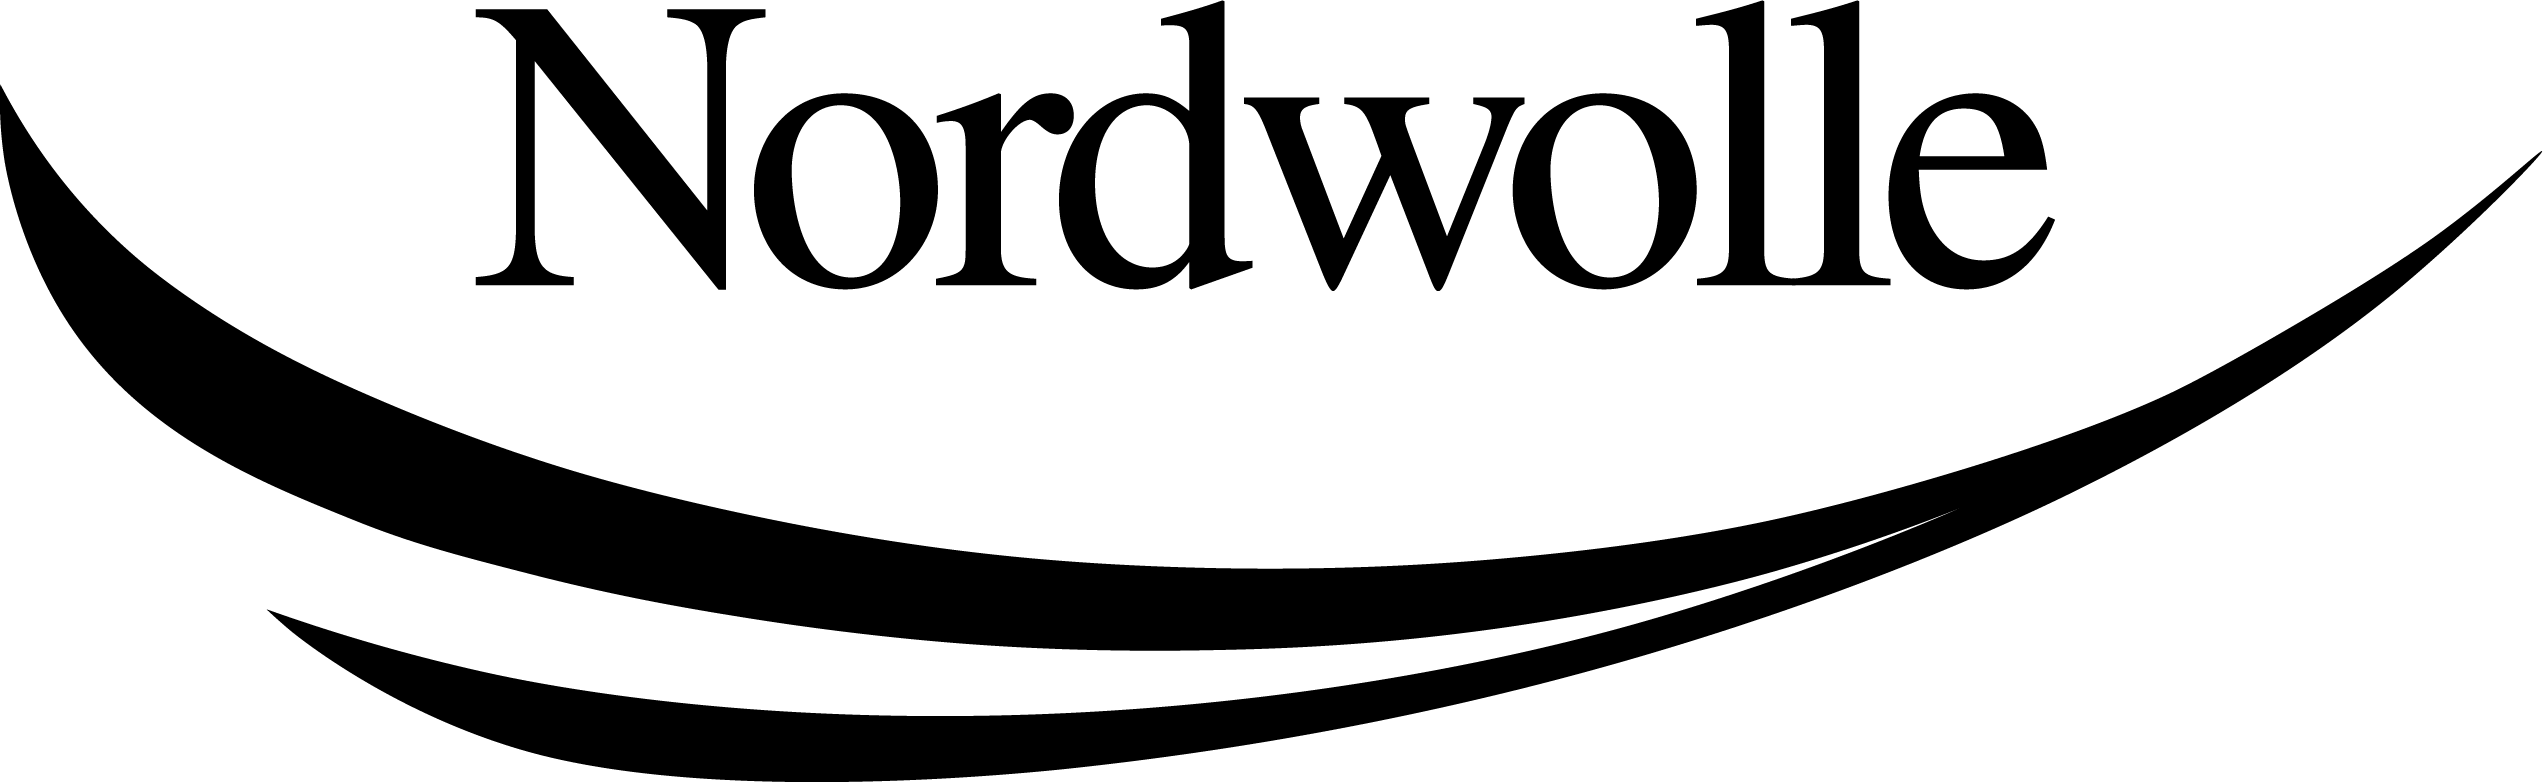 Nordwolle Rügen